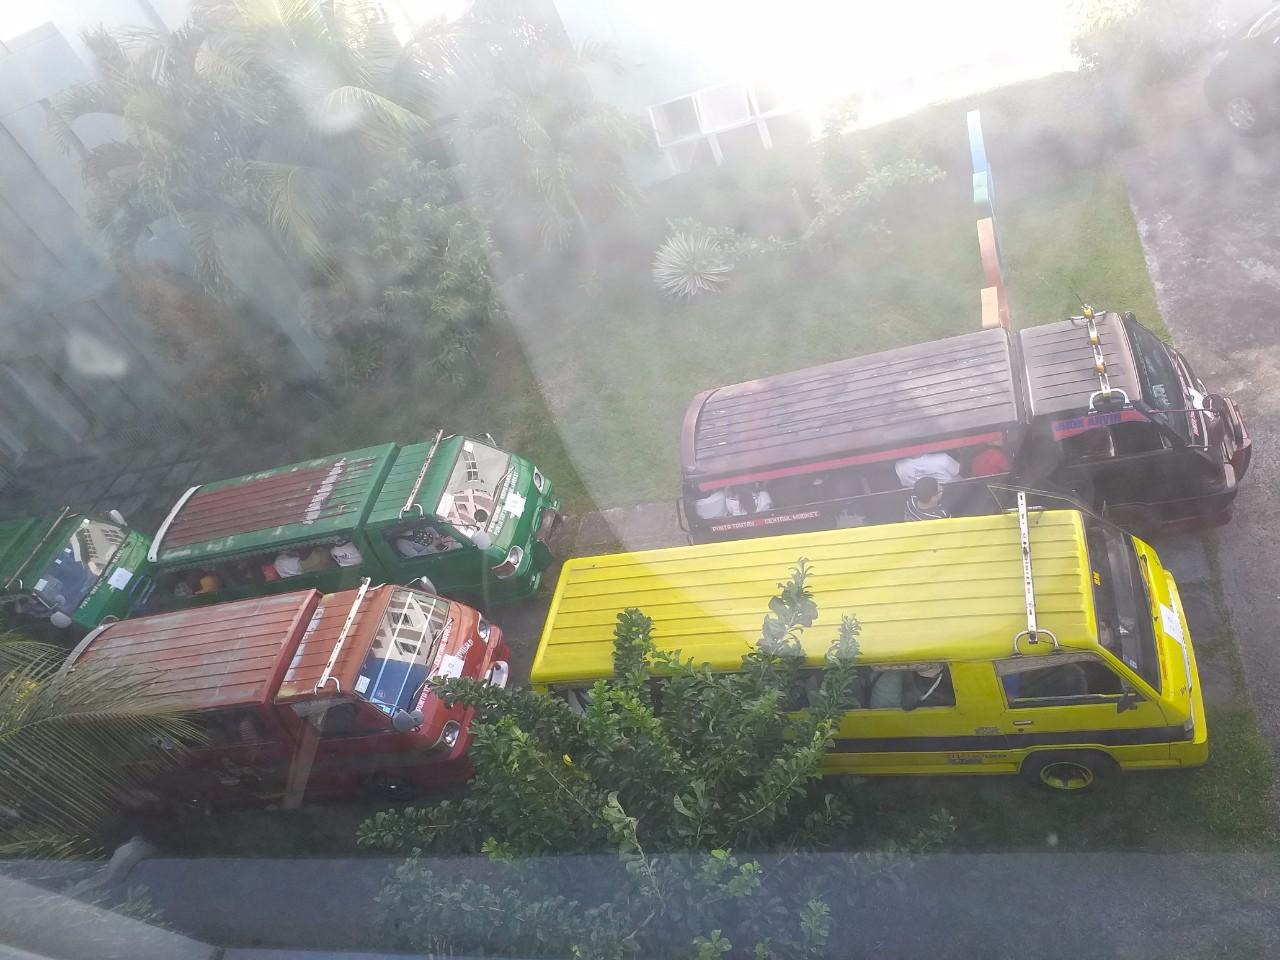 xe-jeepney-vao-truong